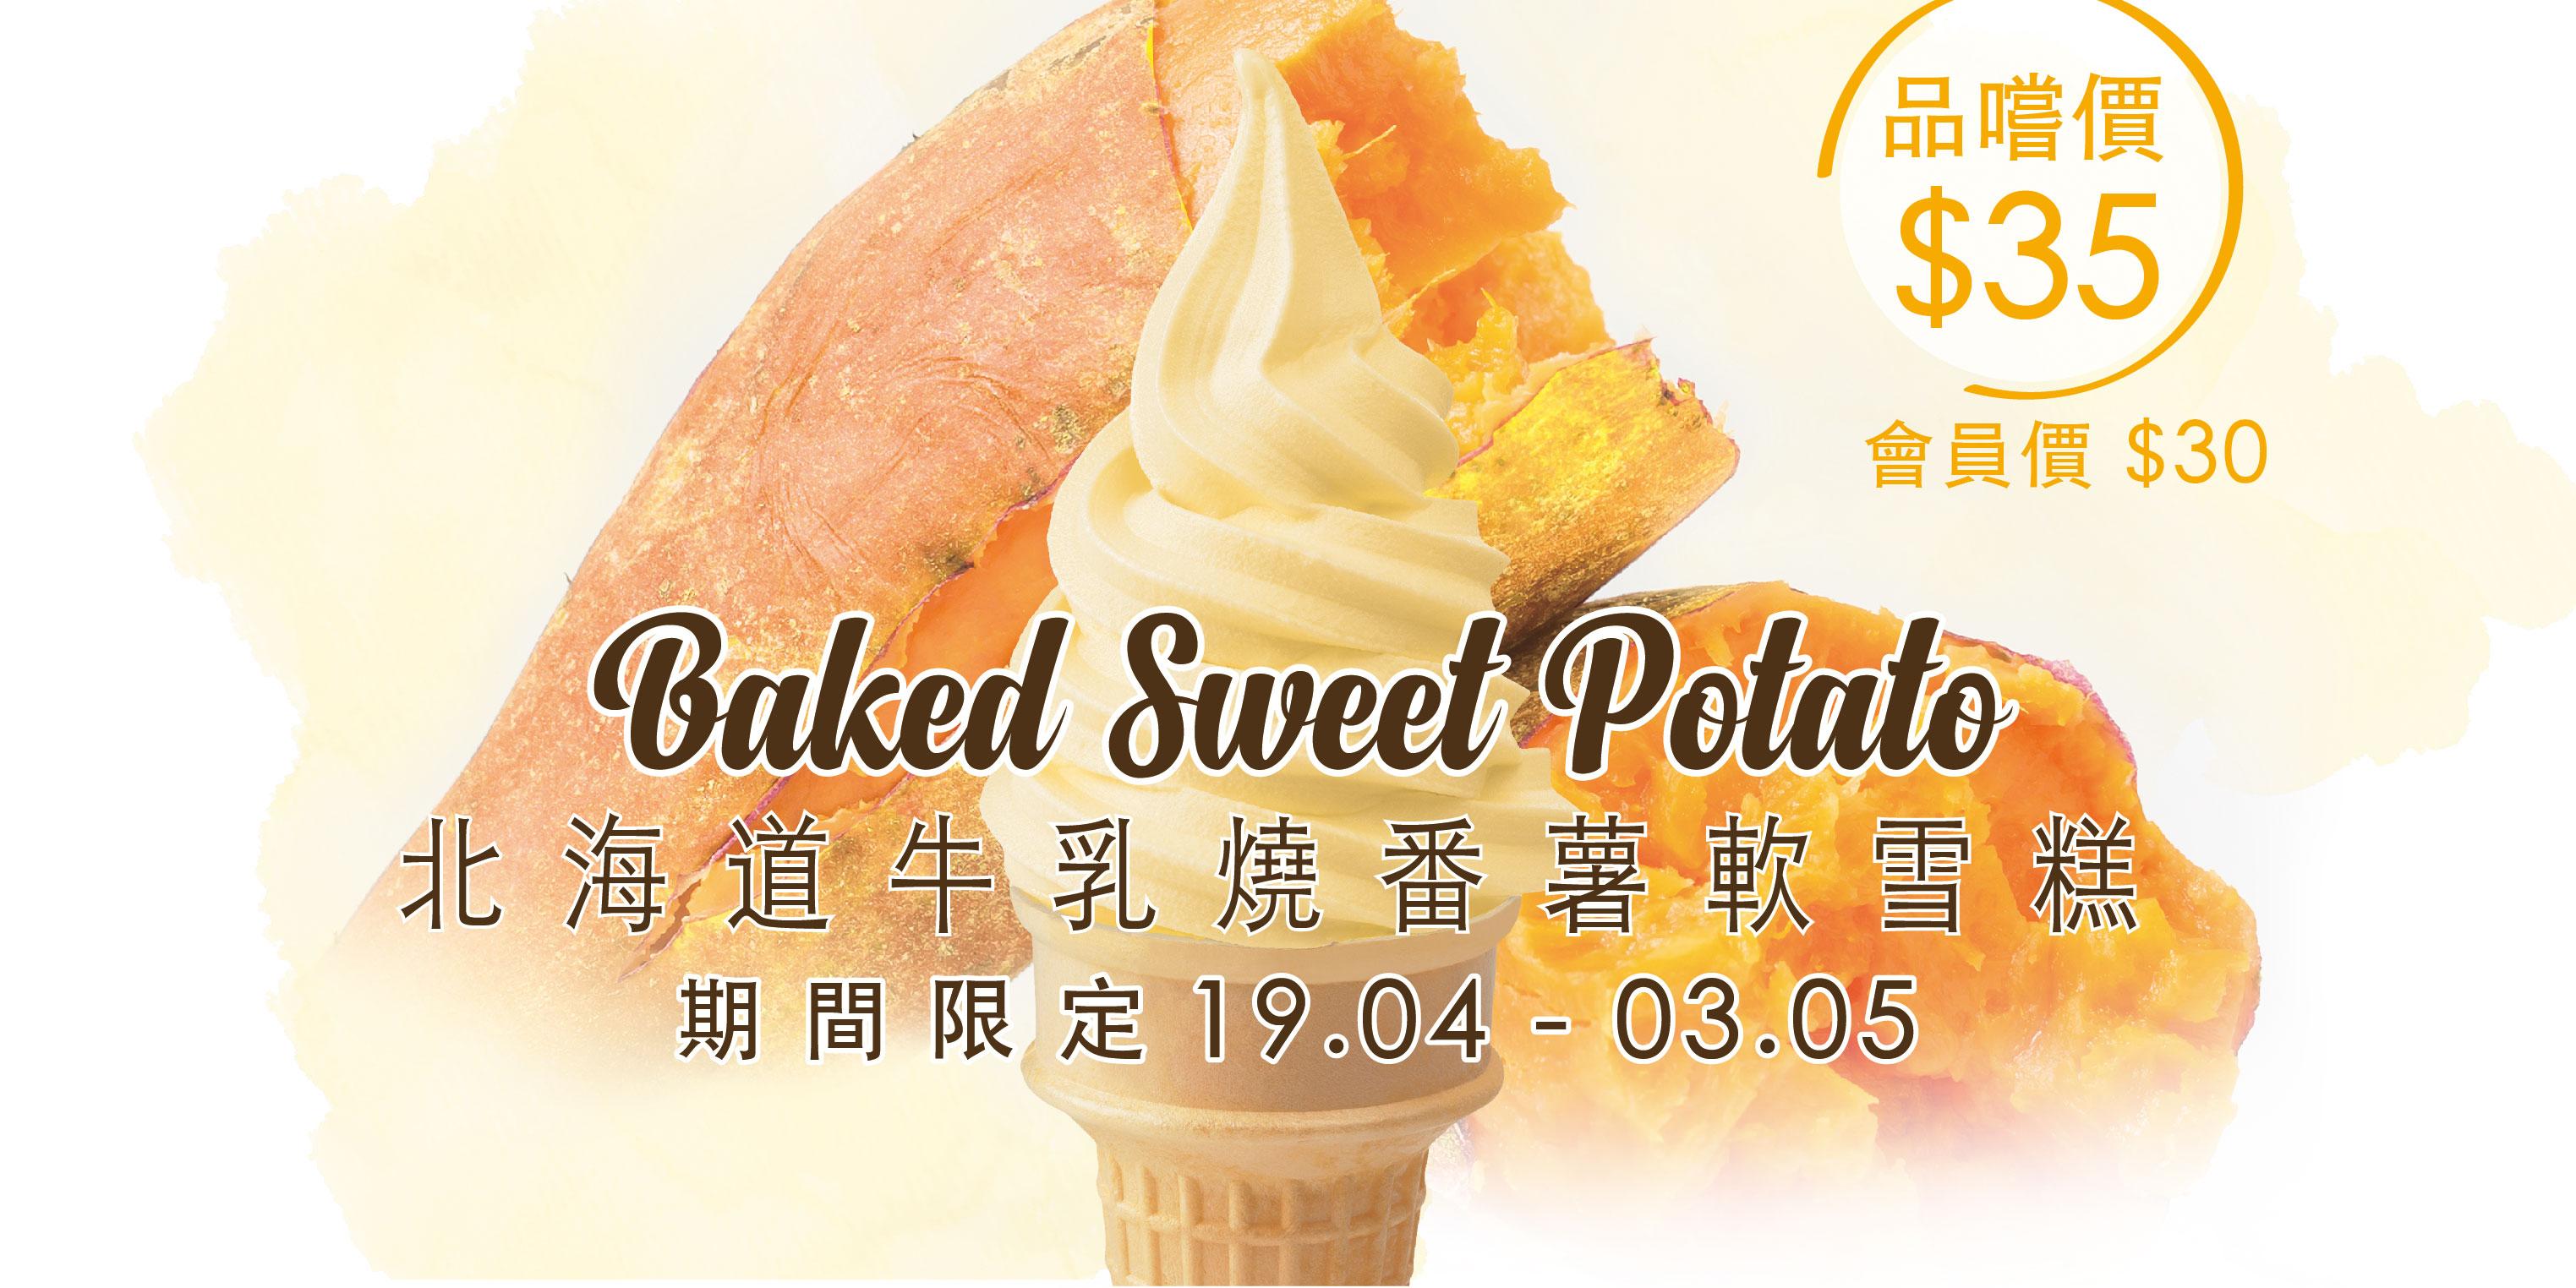 【期間限定 – 燒番薯軟雪糕】